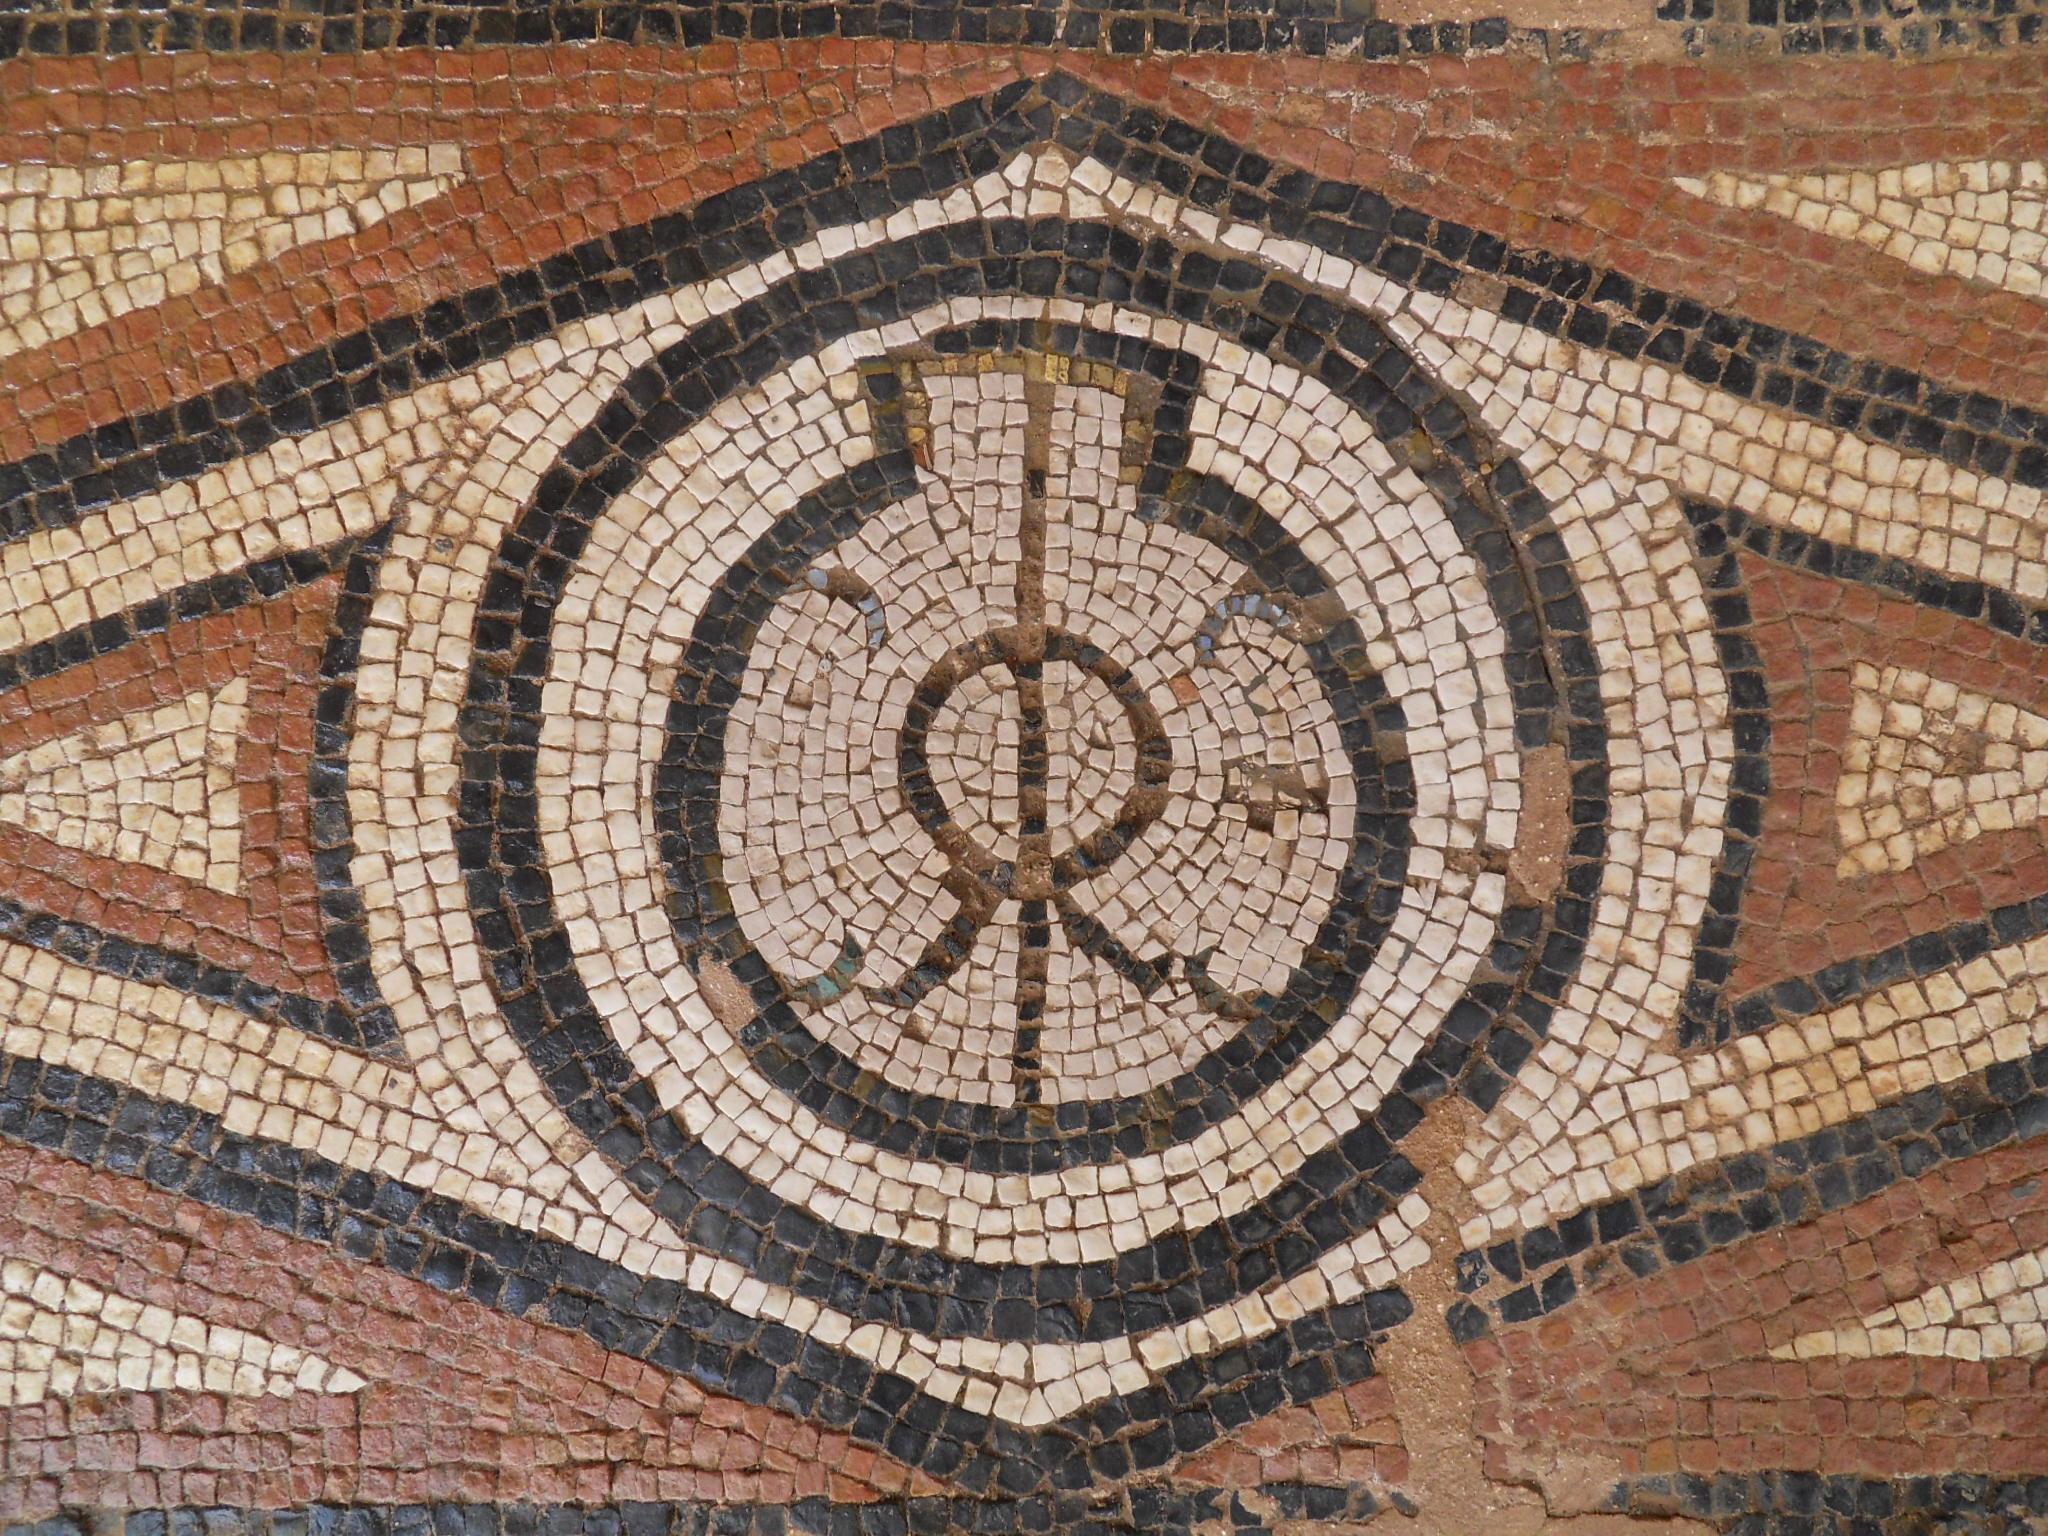 Detalle de mosaicos: monograma de la familia IRRICO